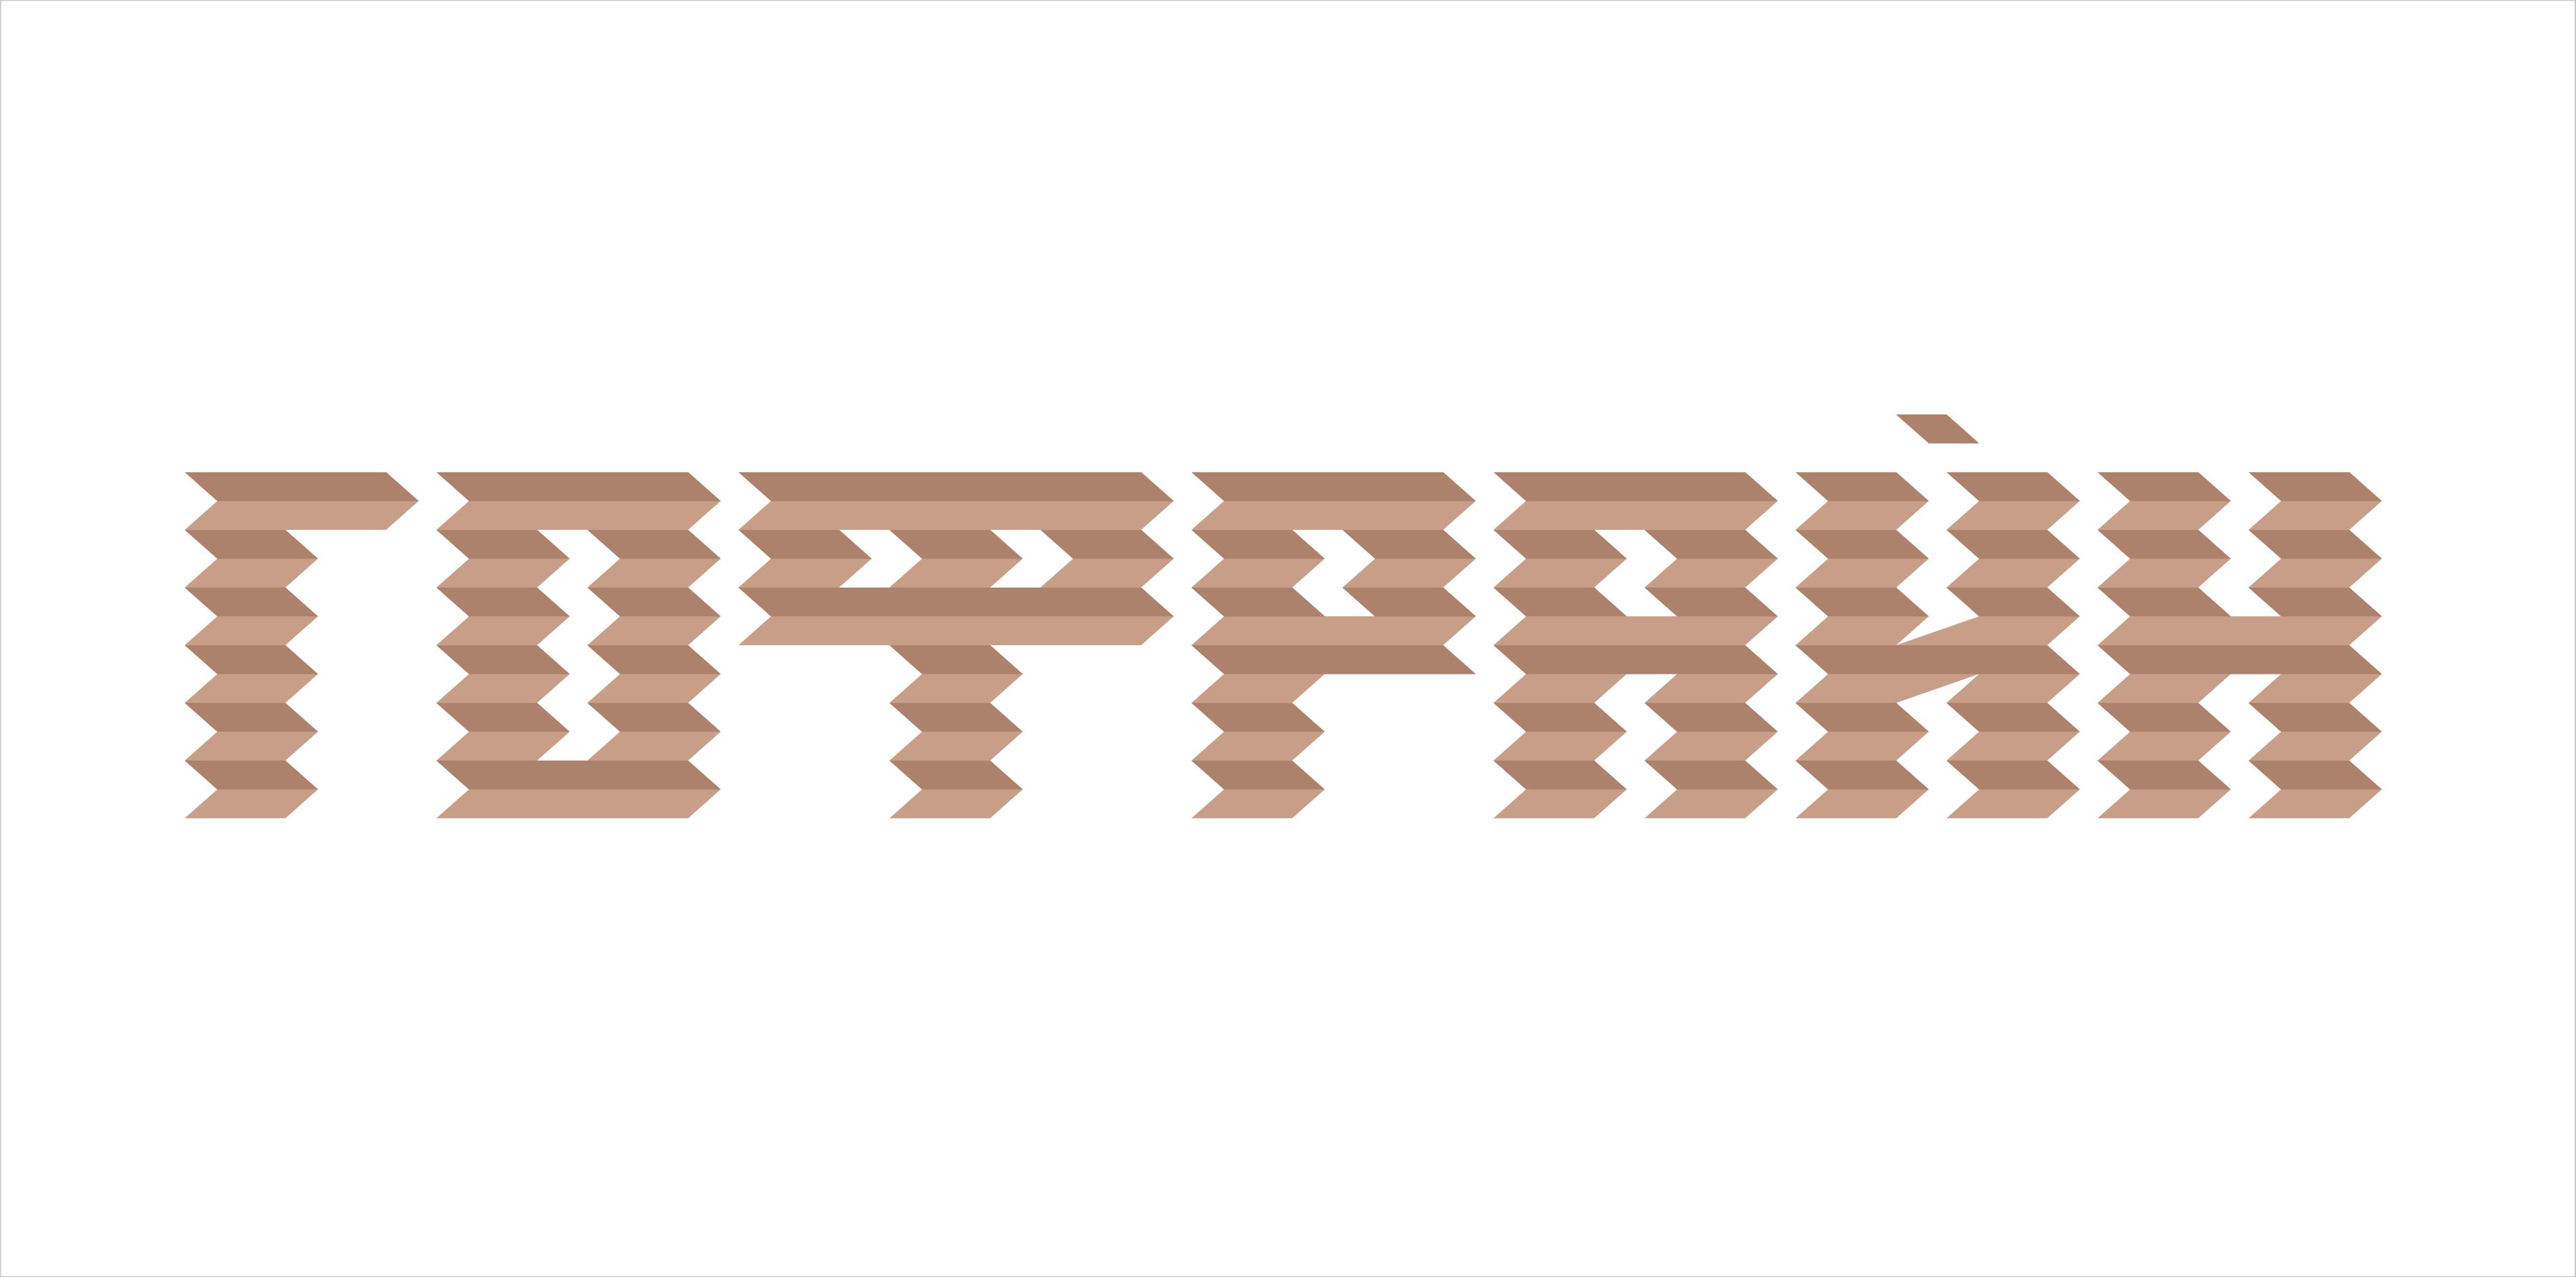 Логотип для компании по реализации упаковки из гофрокартона фото f_5035cdc0fe3cff10.png